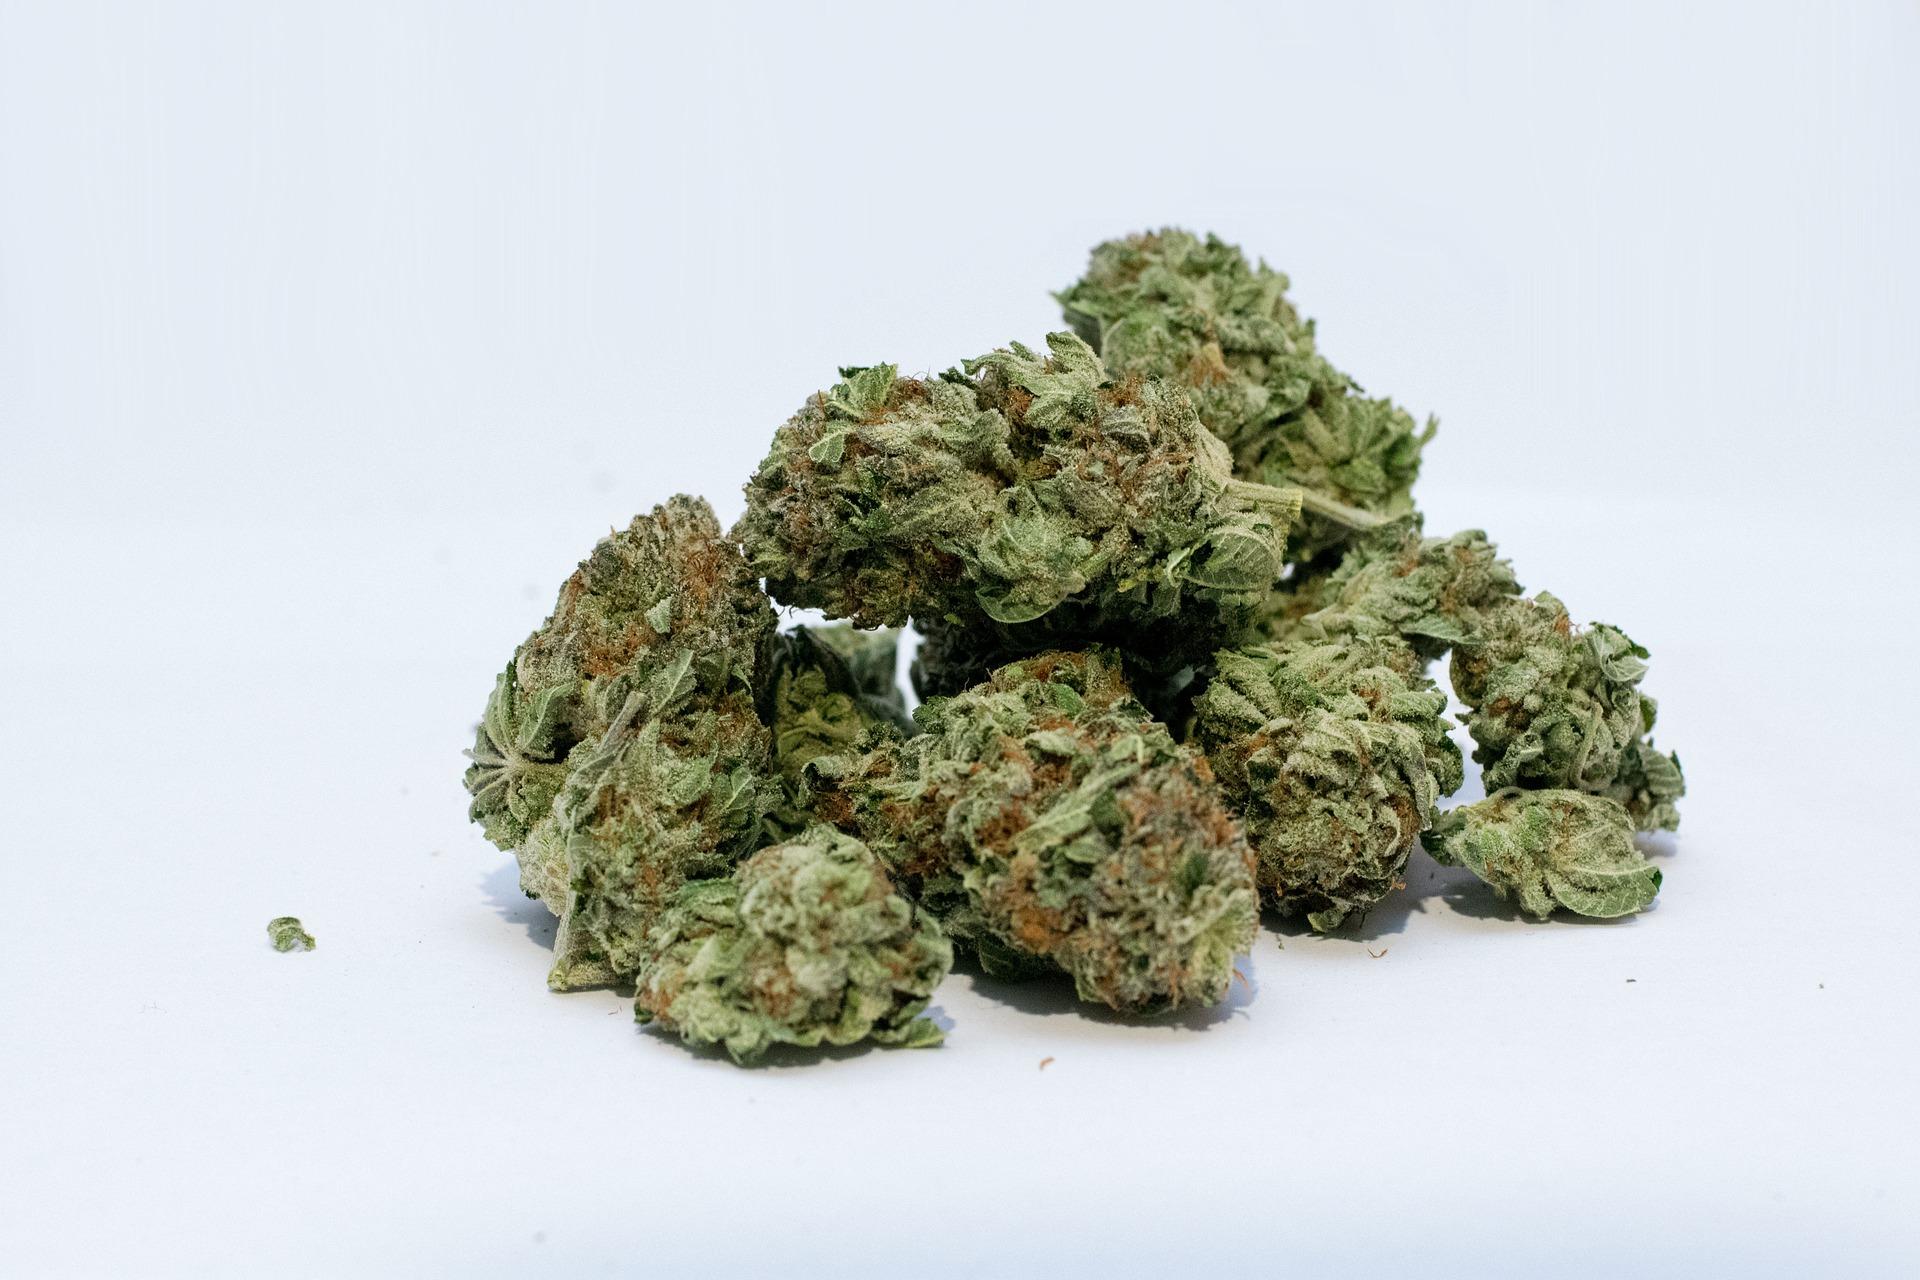 Une cargaison d'une tonne de cannabis a été saisie près de Besançon. Image par John Miller de Pixabay